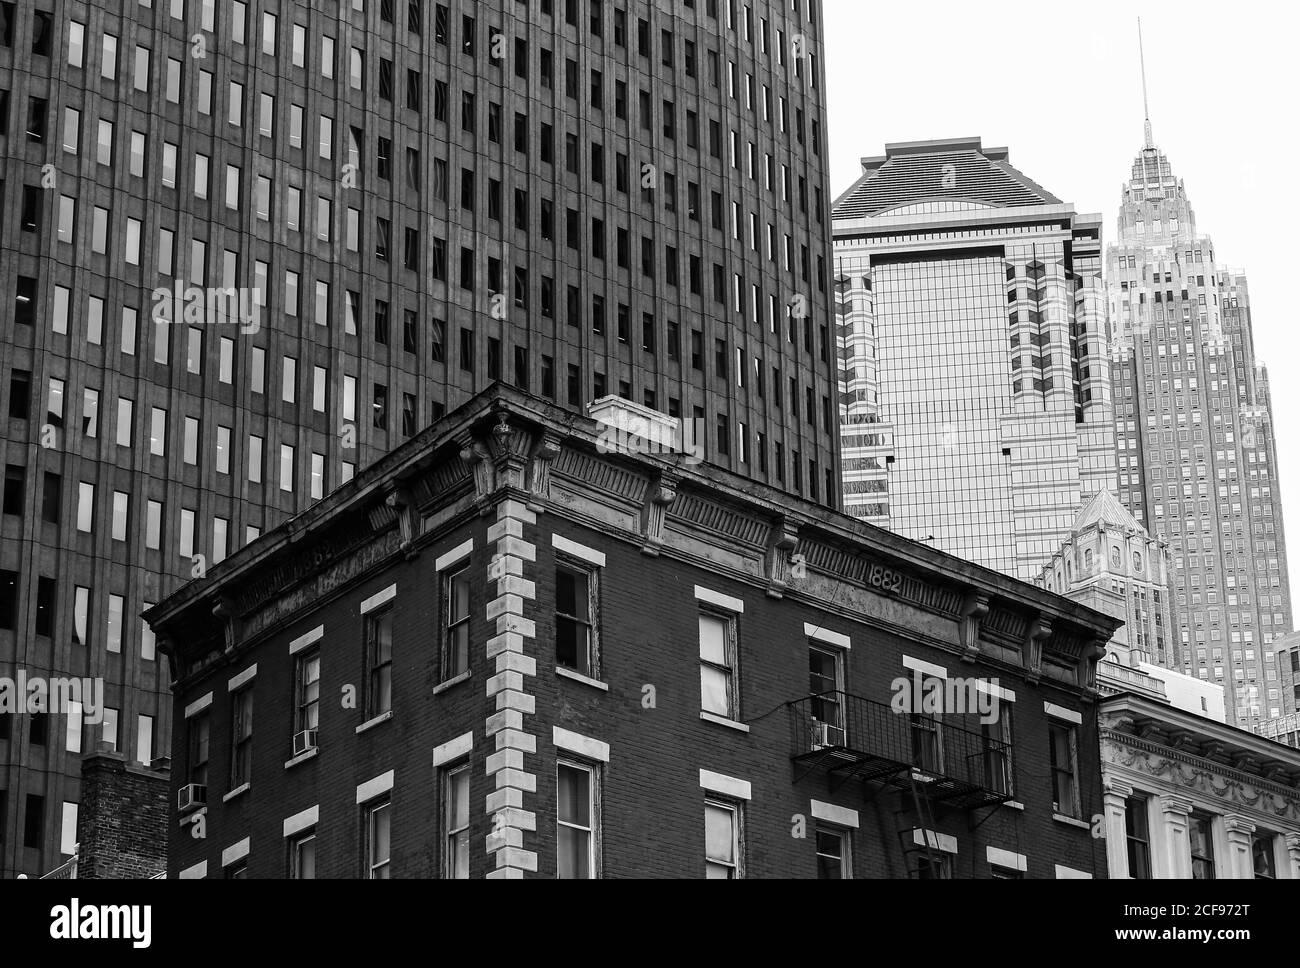 New York City, USA - 7 octobre 2019 : bâtiments anciens et modernes dans le quartier financier de Manhattan. En arrière-plan, vous pouvez voir l'Empire State Banque D'Images